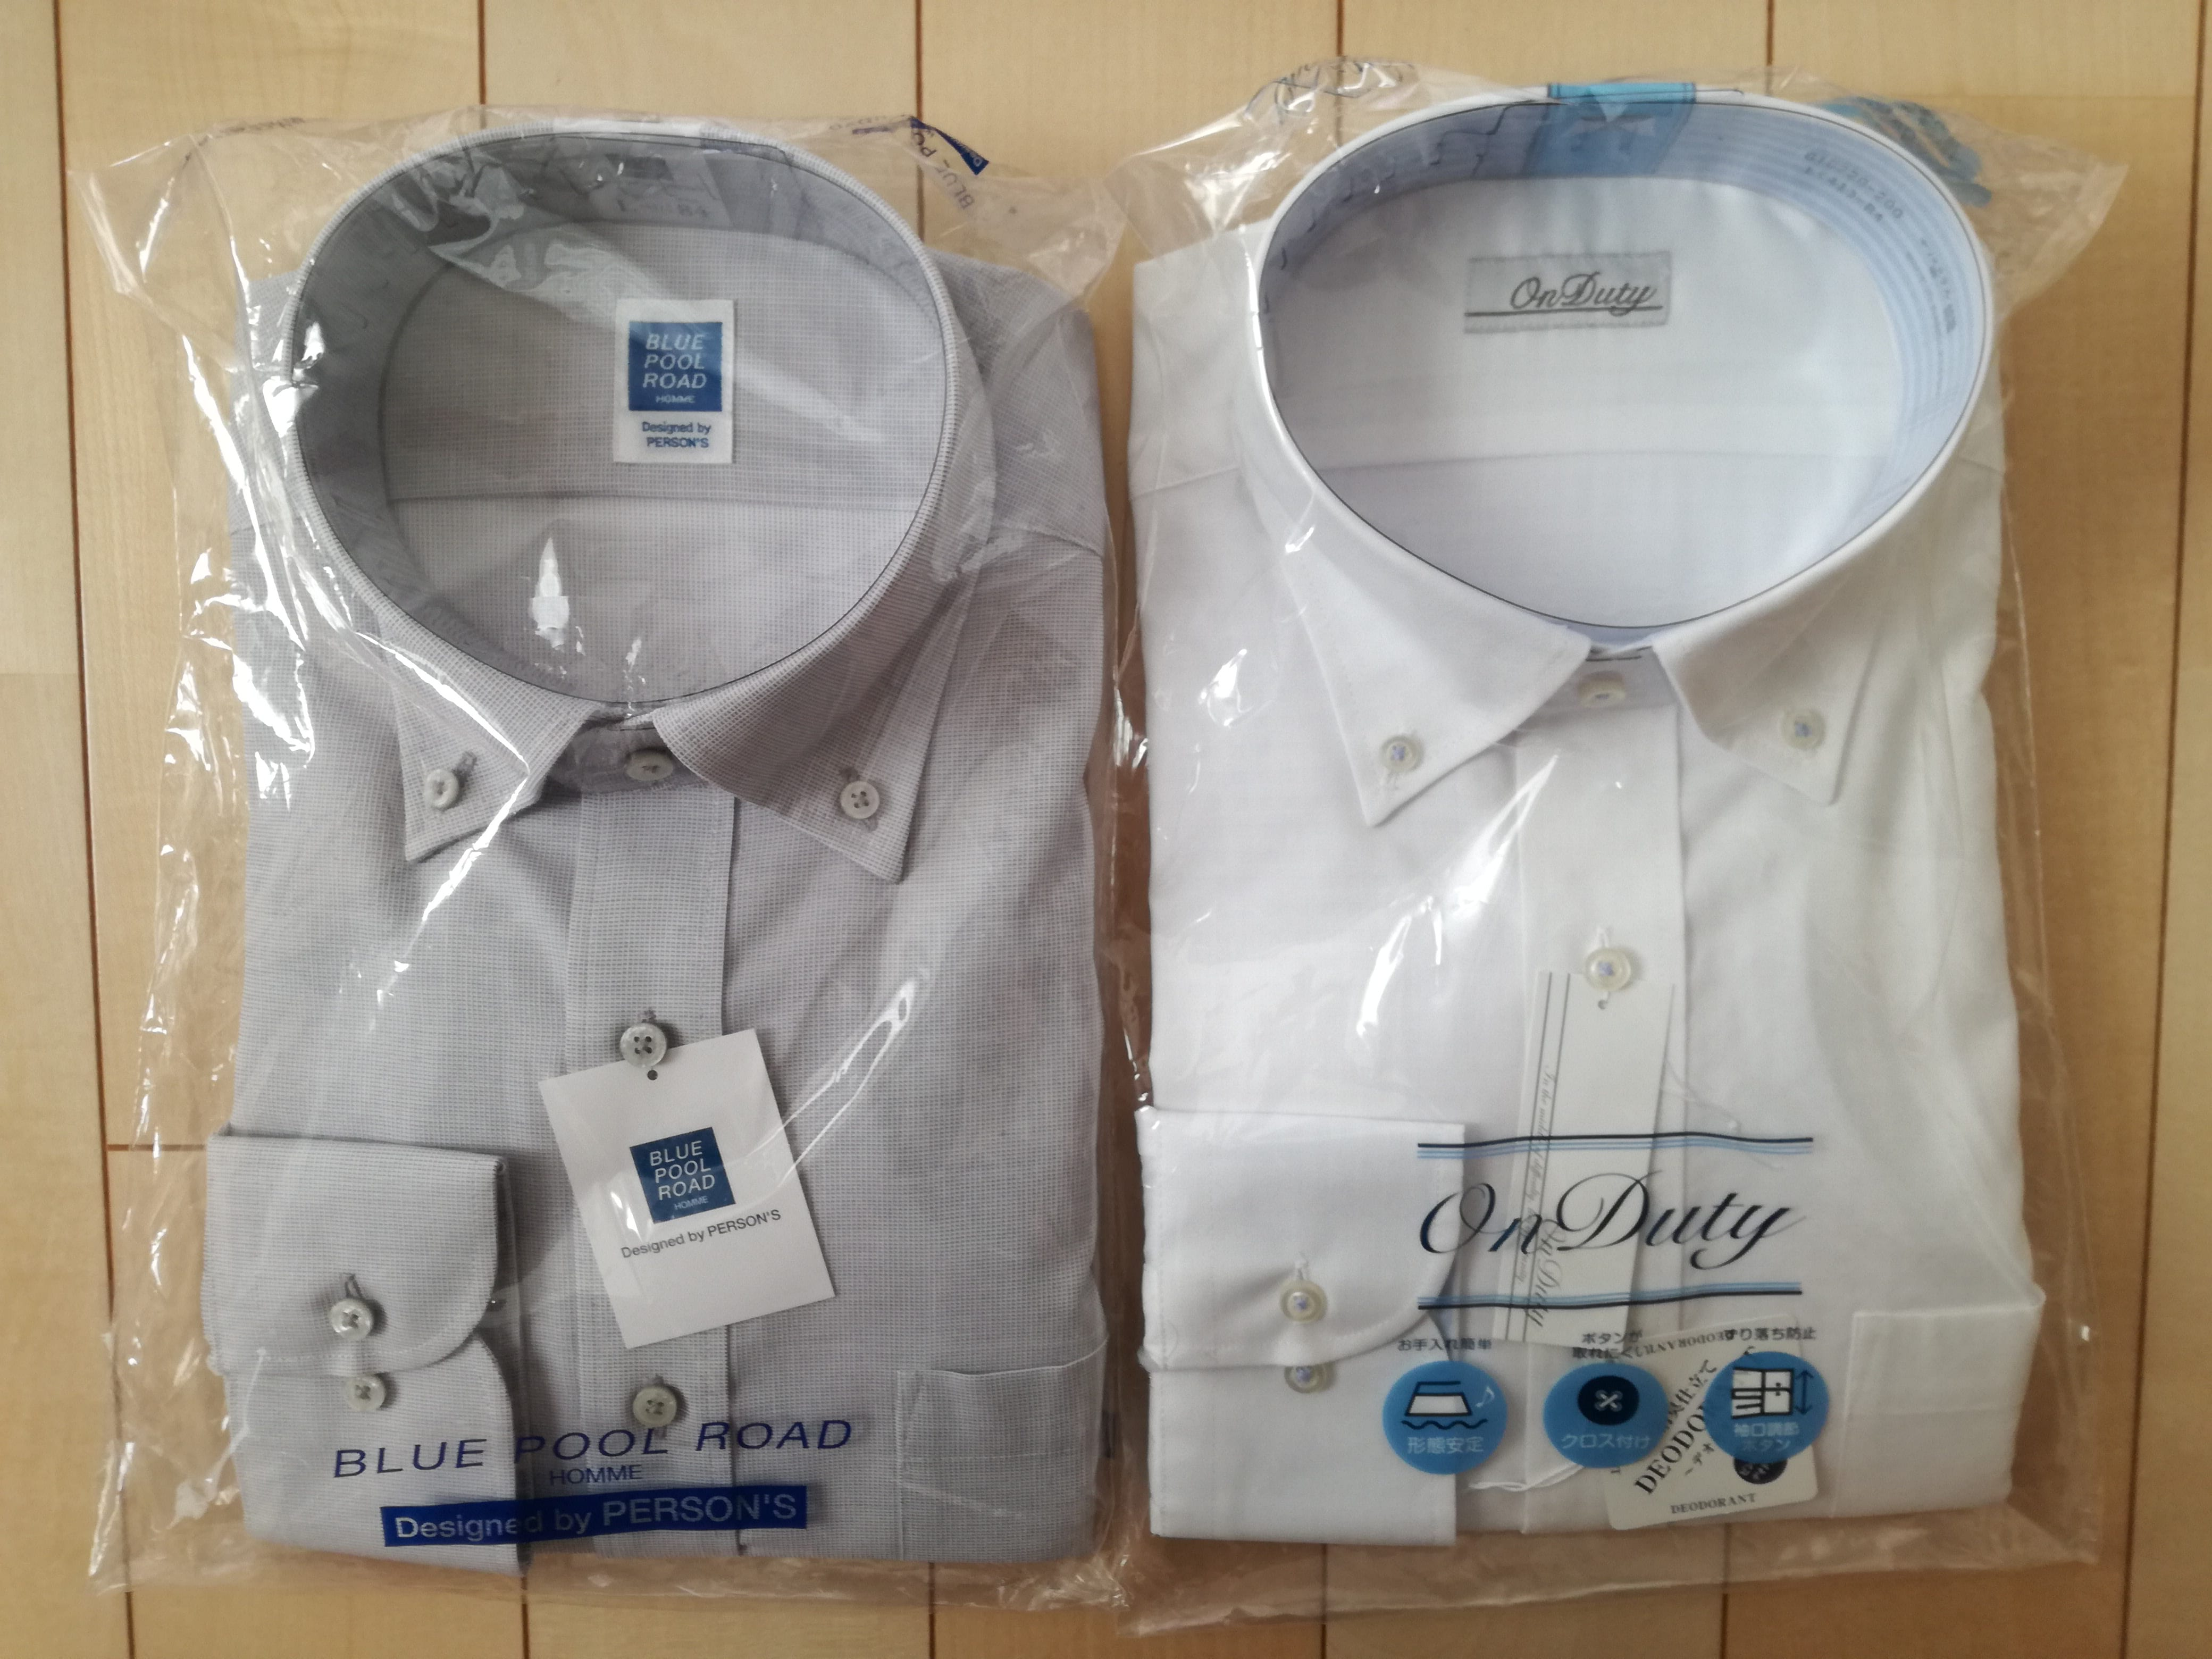 5月末期限の山喜(3598)の株主優待券でワイシャツ2枚5,000円分を無料でゲット!